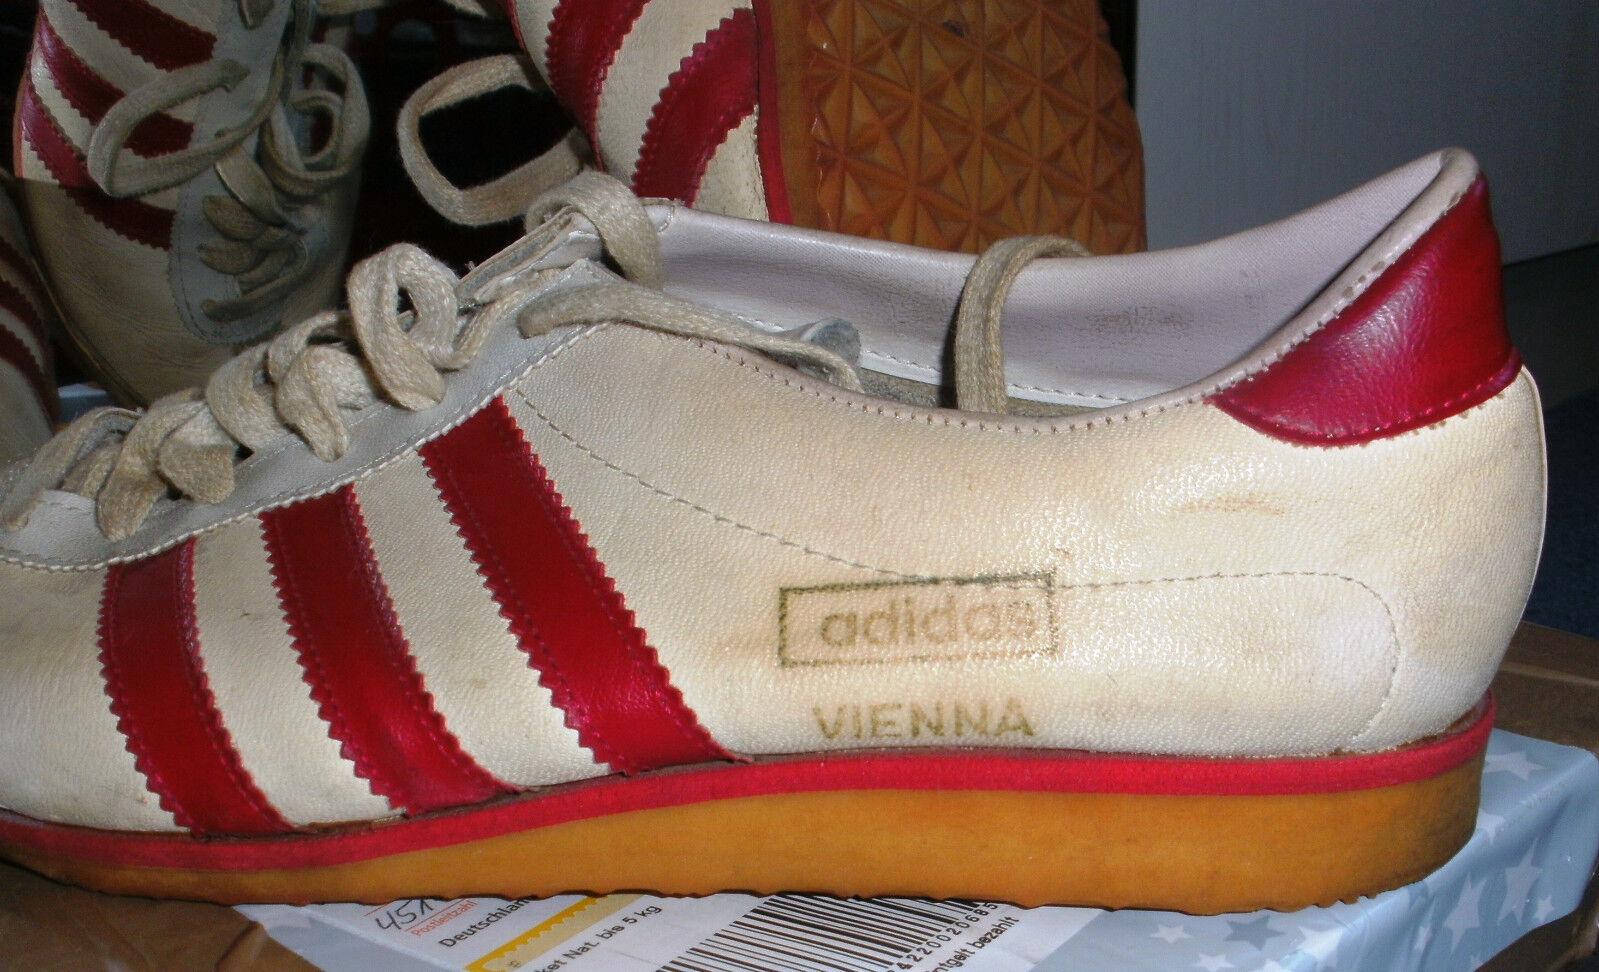 Seltene Adidas 70ger Vienna Sneaker Vintage 70ger Adidas Jahre, Gr. 39 c8b610